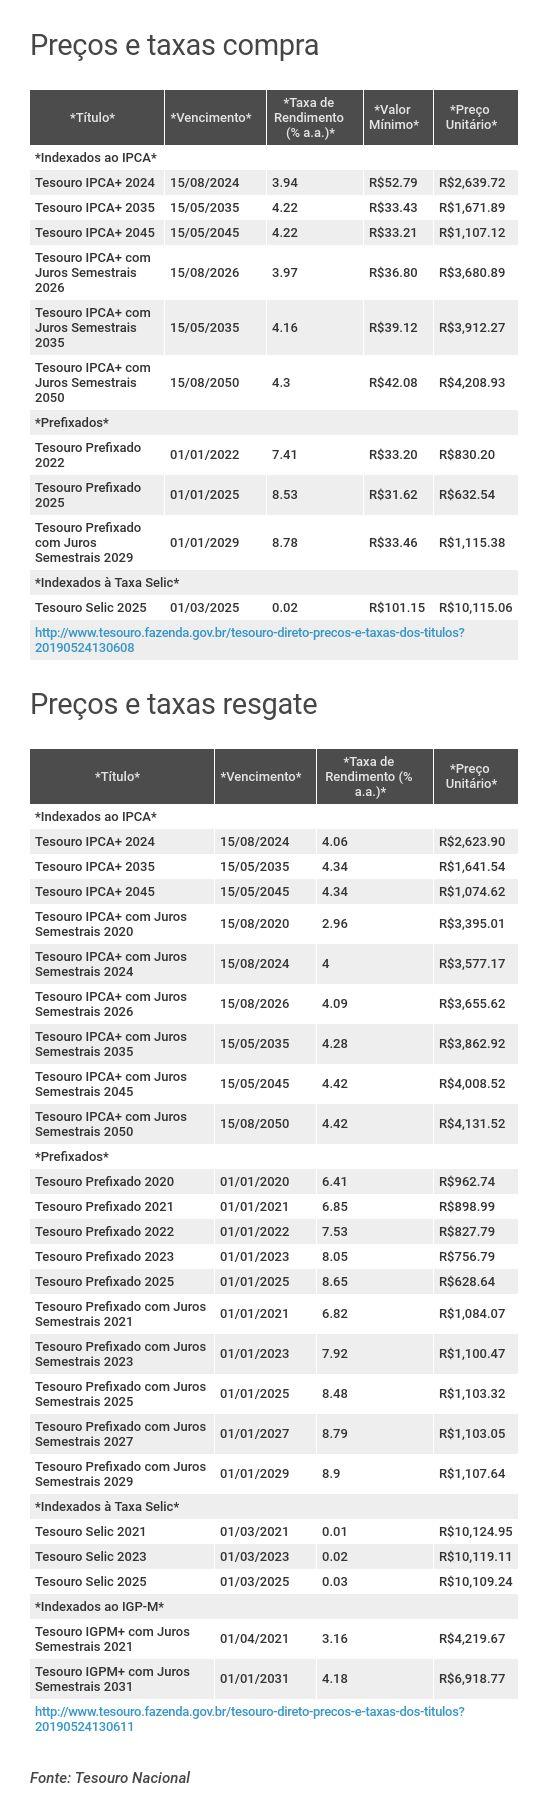 Preços e taxas do Tesouro Direto em 24 de maio de 2019 - abertura